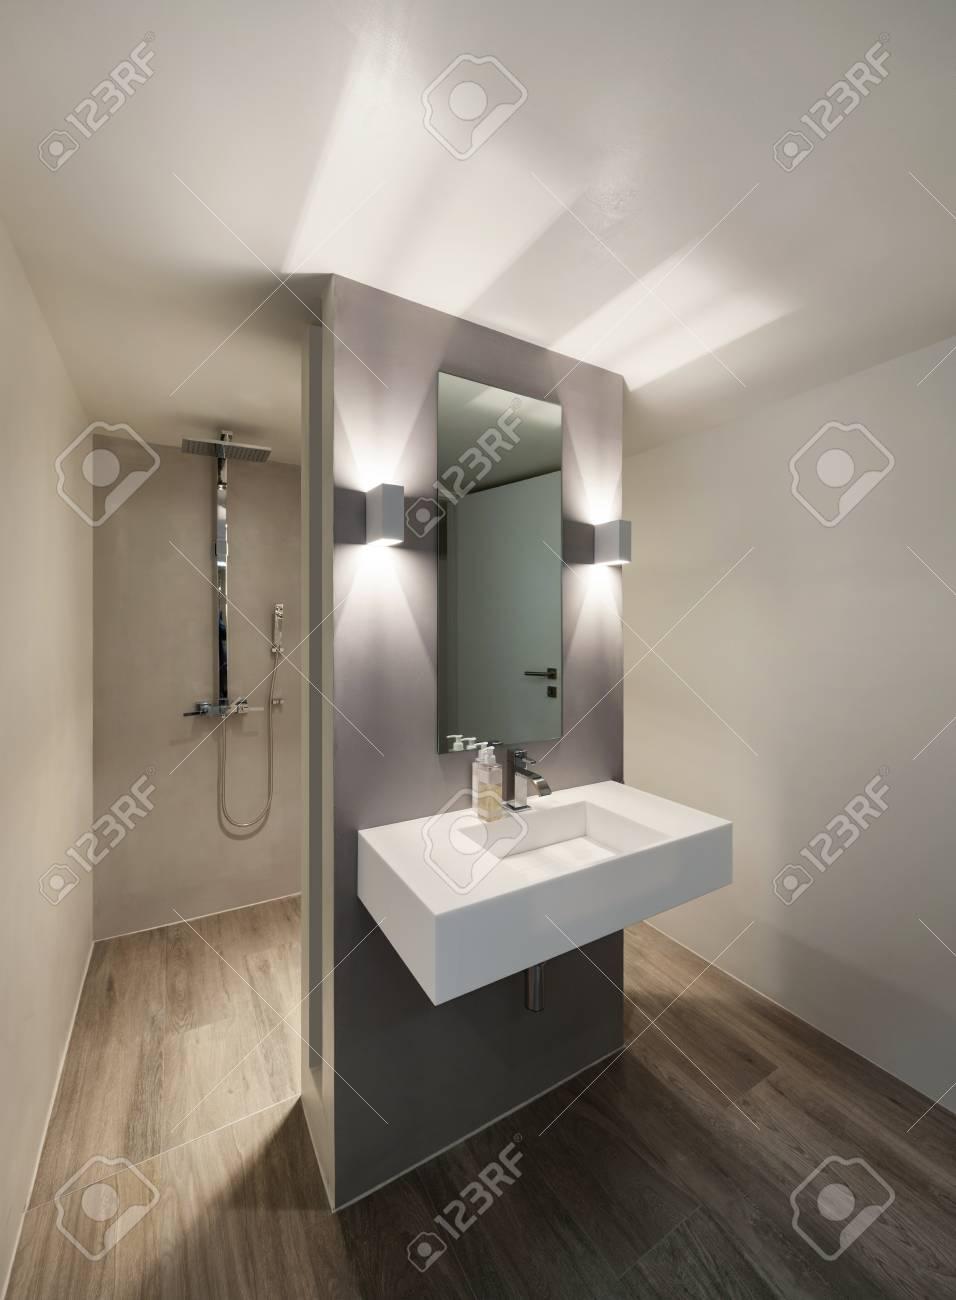 Cuarto De Baño Moderno, Nueva Tendencia De Diseño, Lavabo Con Espejo ...